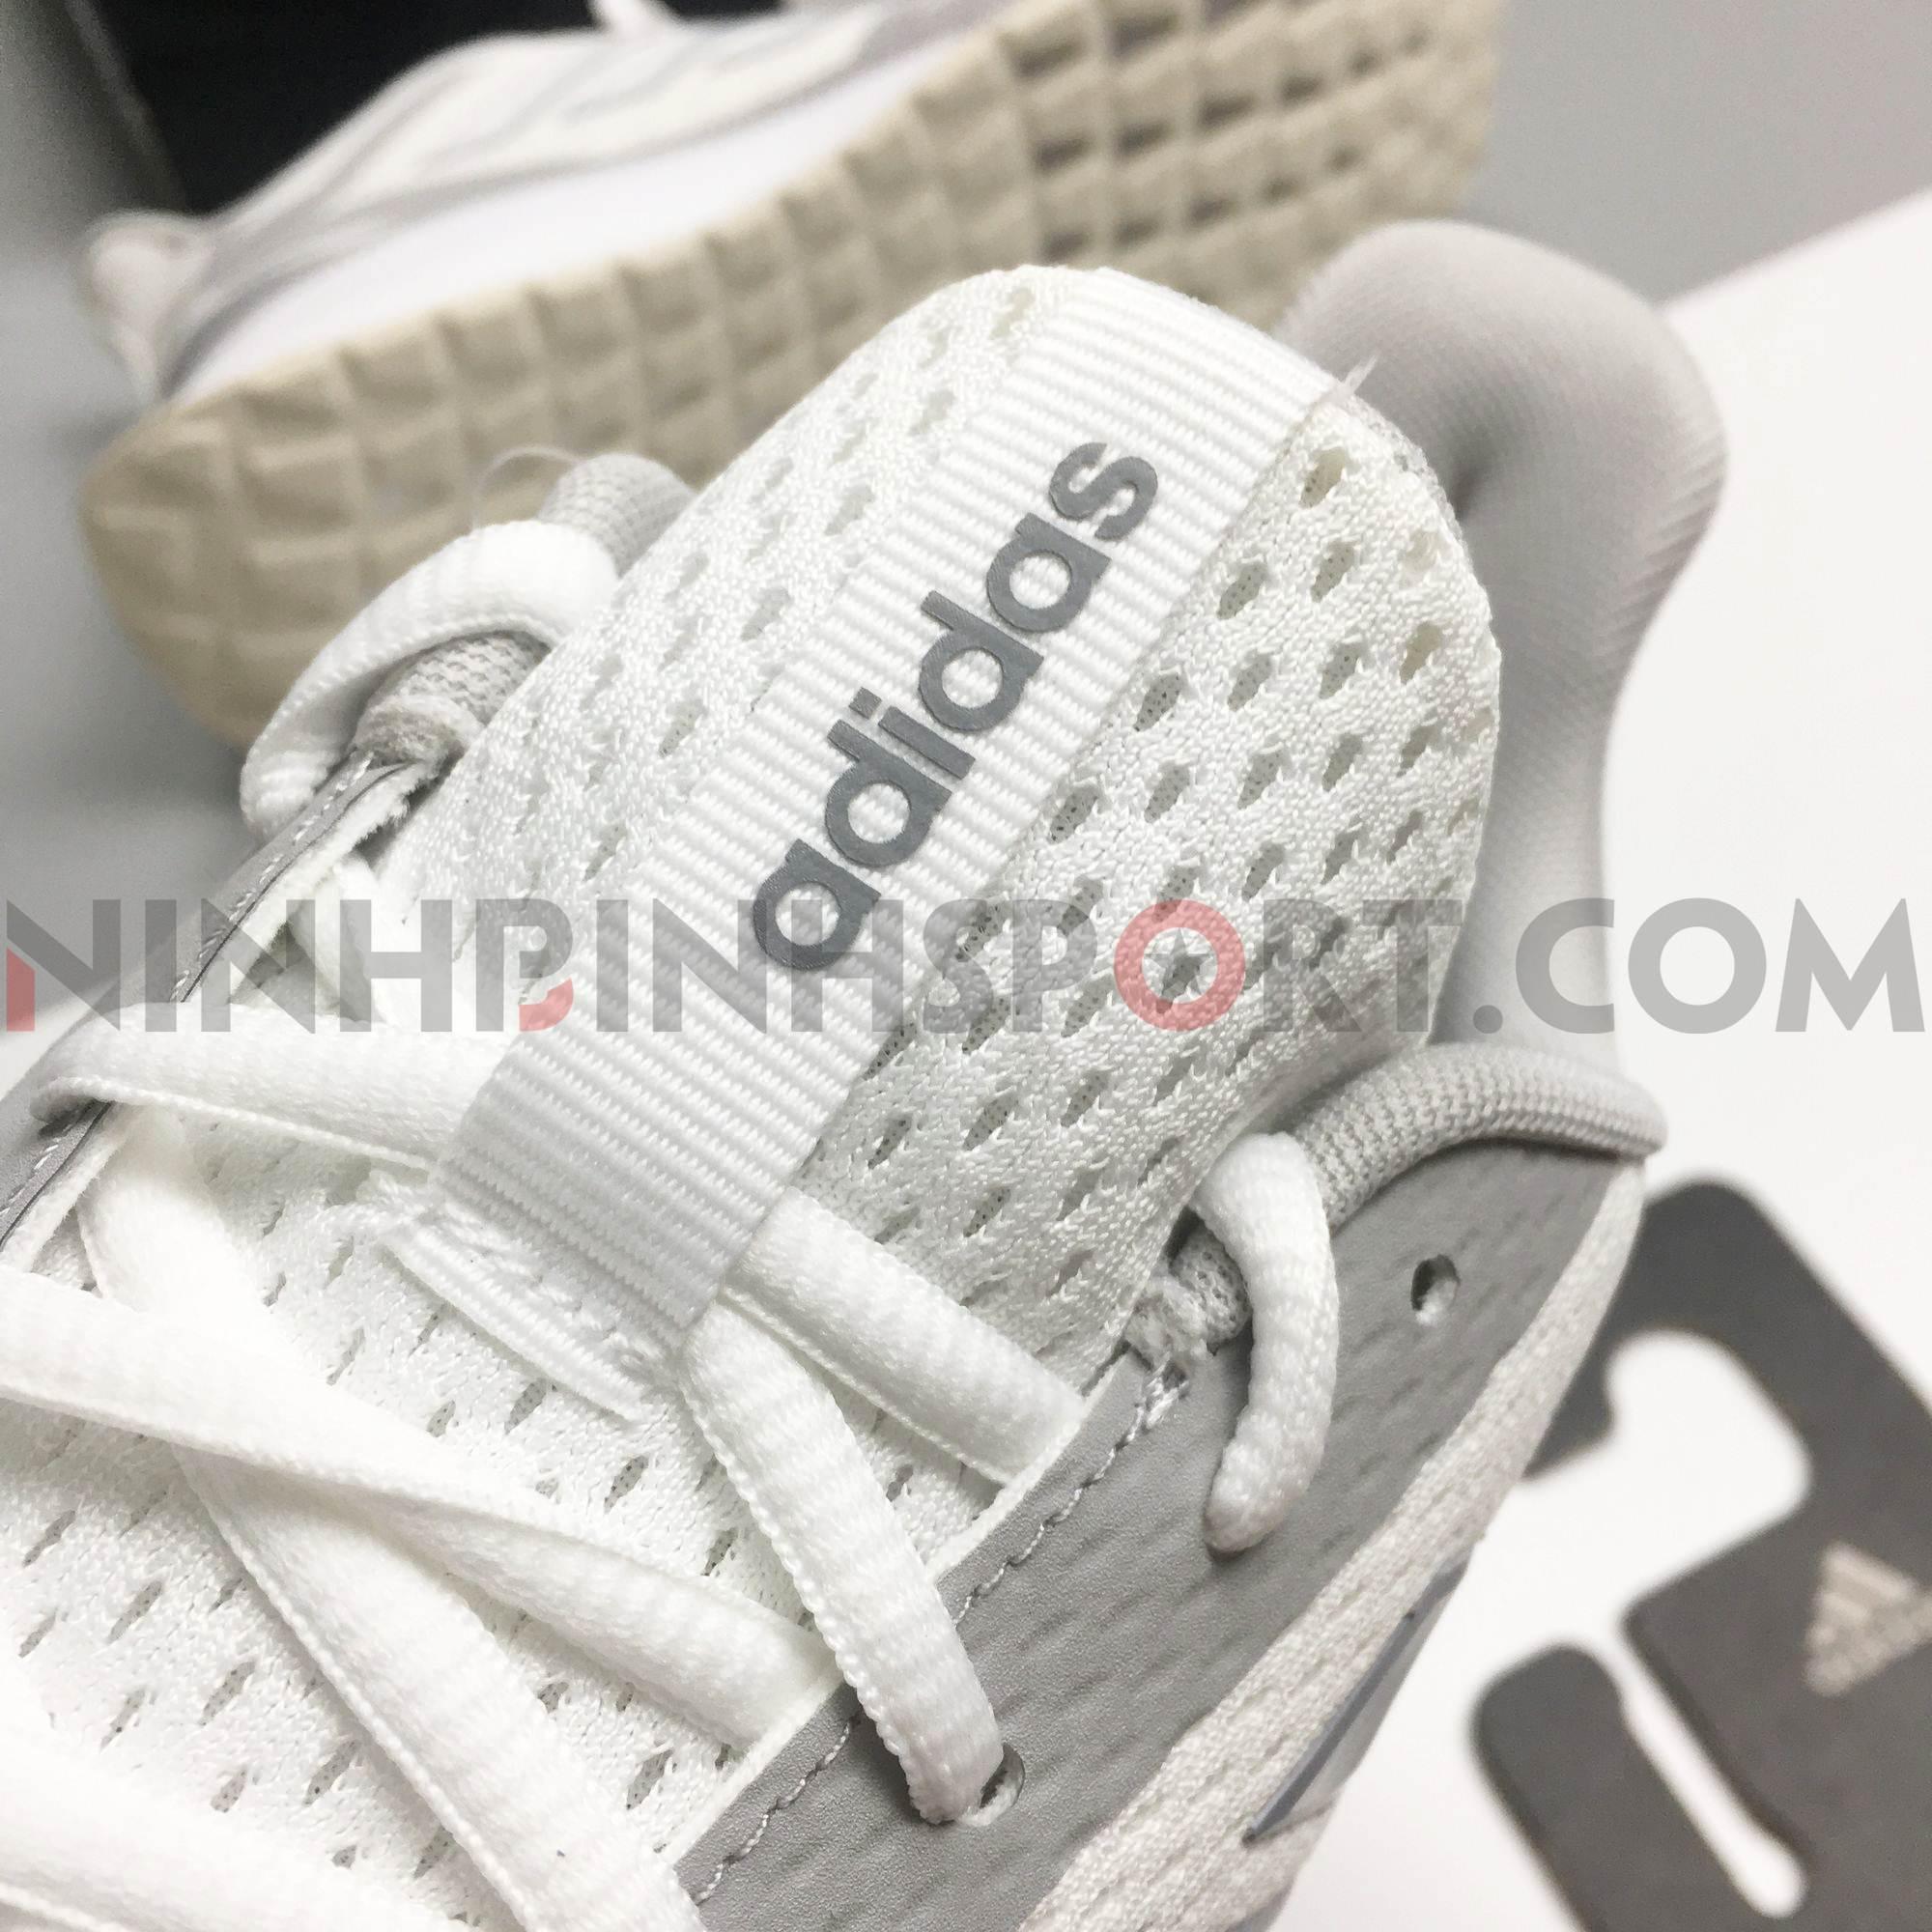 Giầy thể thao nam Adidas Nova Run White EE9266